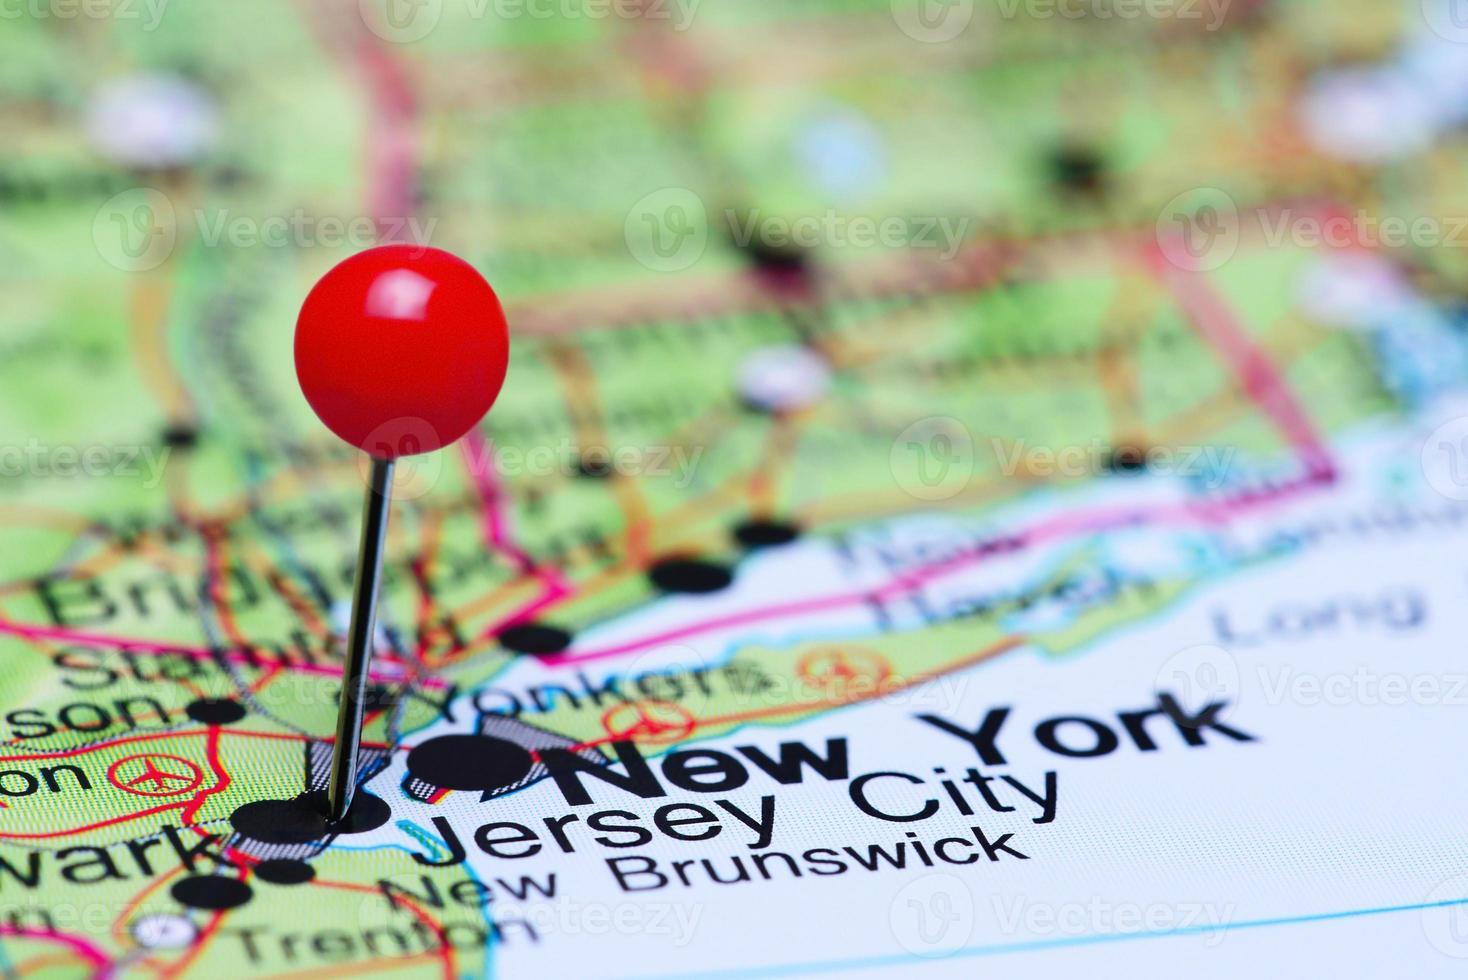 Jersey City épinglé sur une carte des Etats-Unis photo